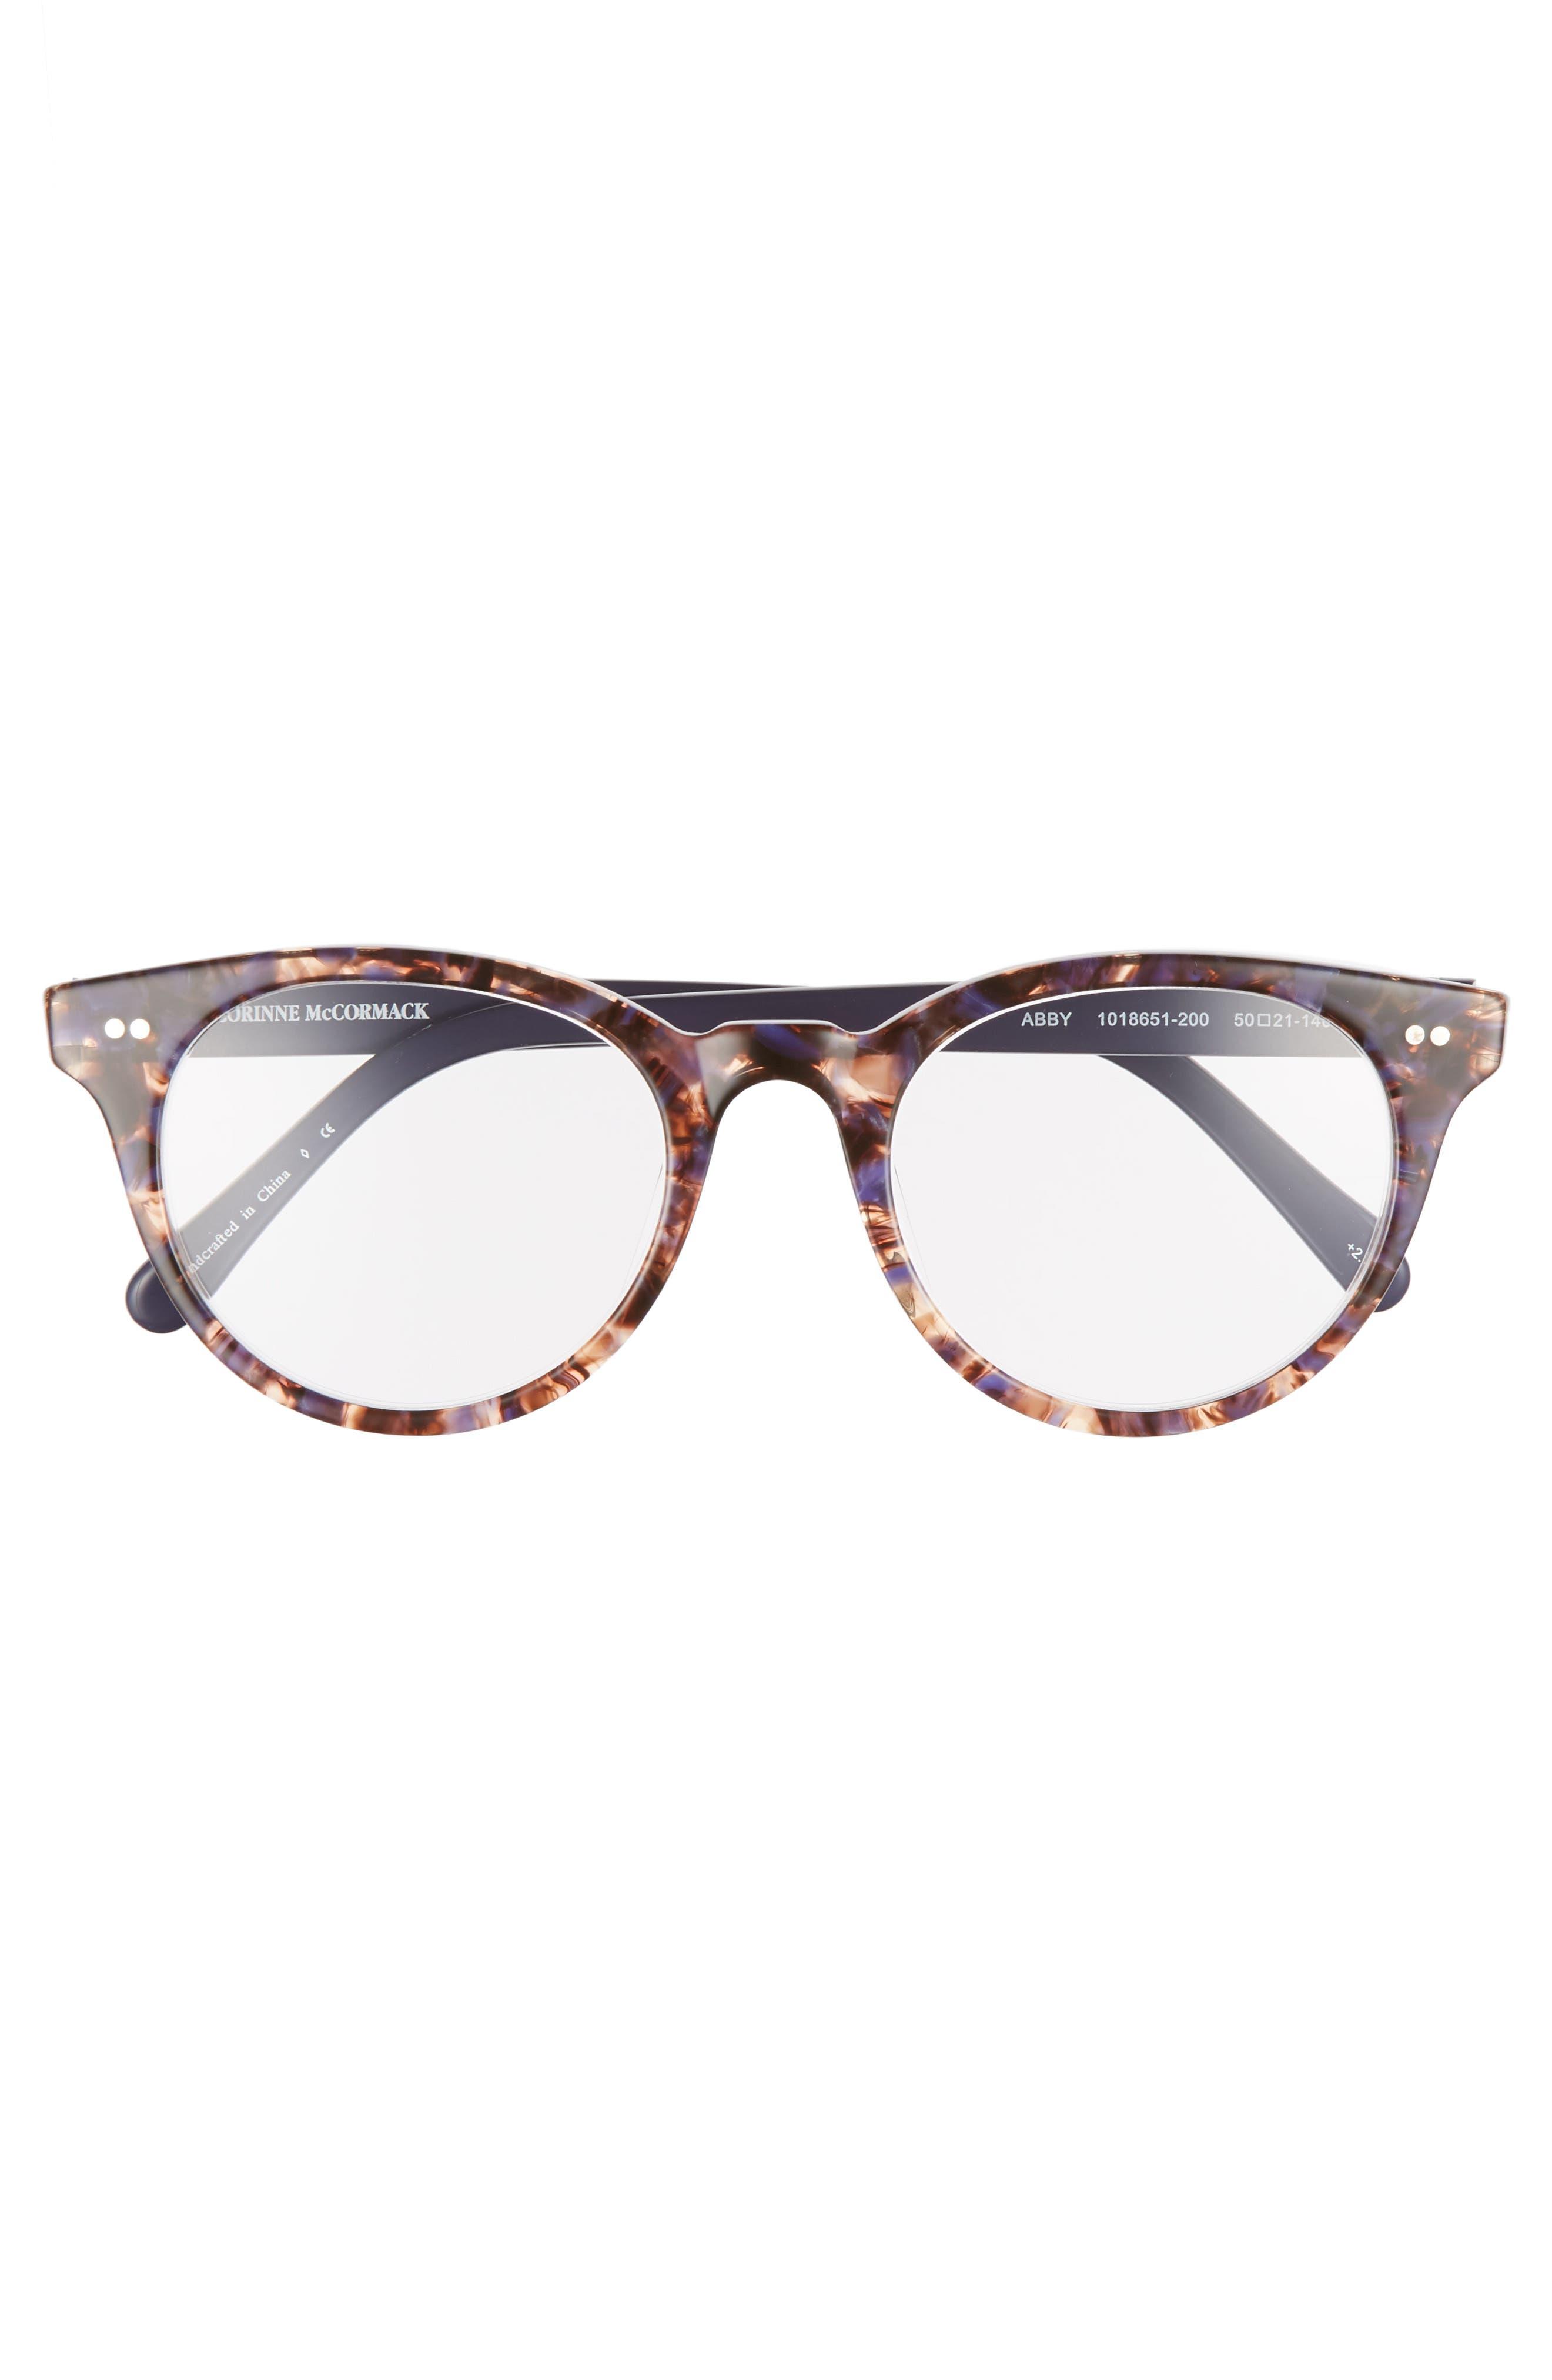 Abby 50mm Reading Glasses,                             Alternate thumbnail 3, color,                             TORTOISE/ NAVY BLUE